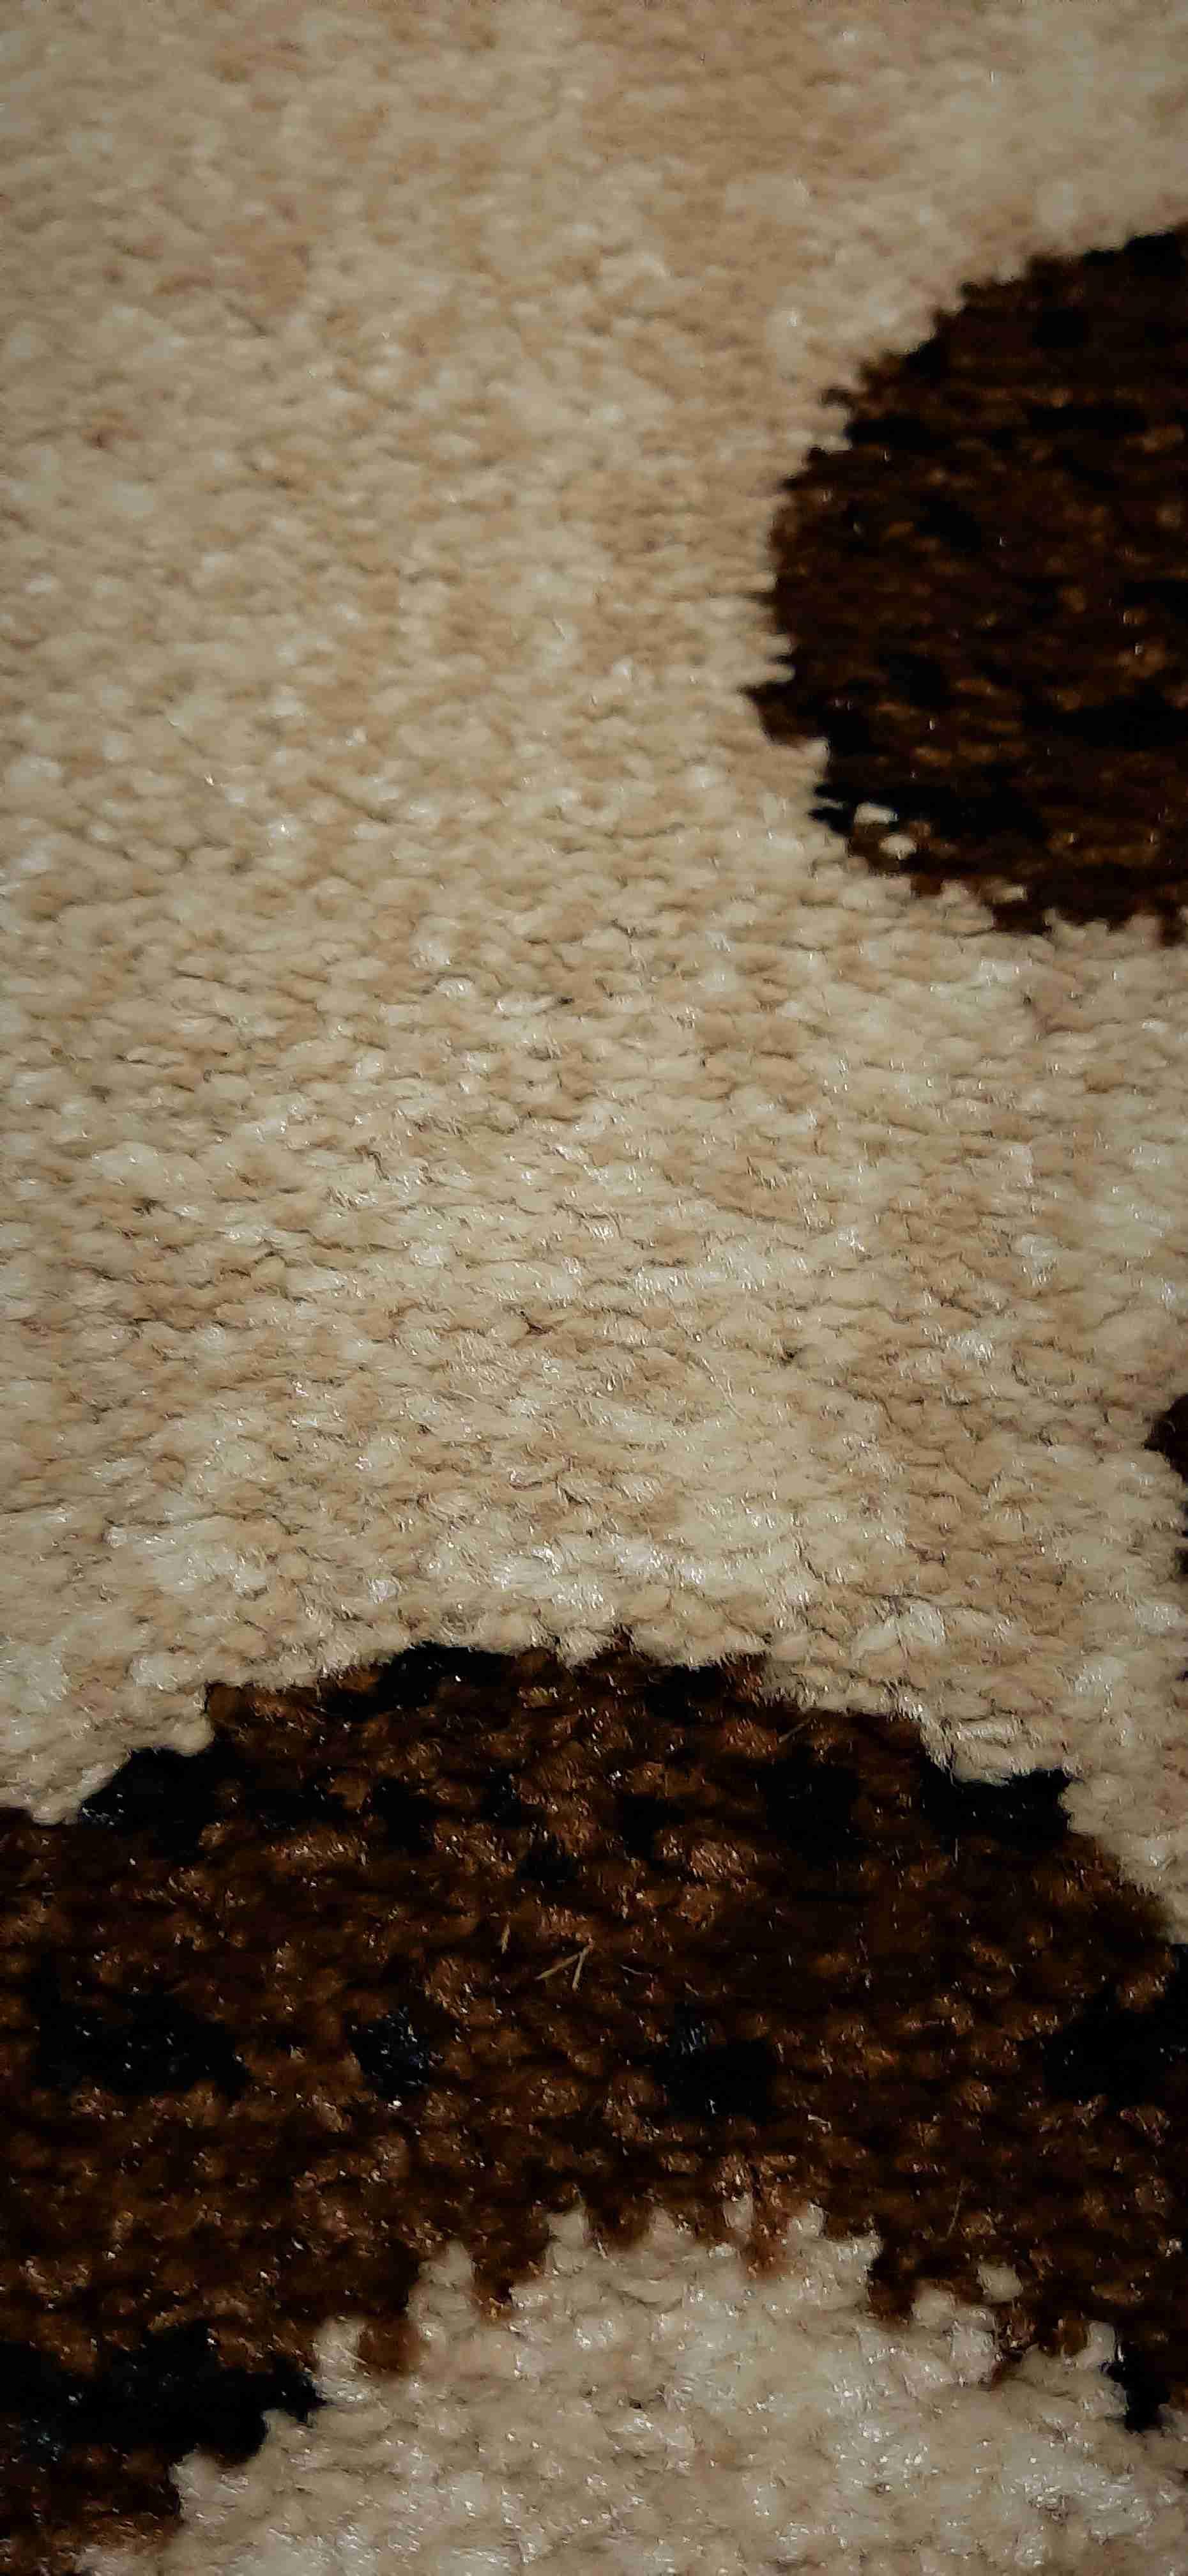 Traversa Covor, Cappuccino 16028-118, Bej / Maro, 60x300 cm, 1800 gr/mp [5]